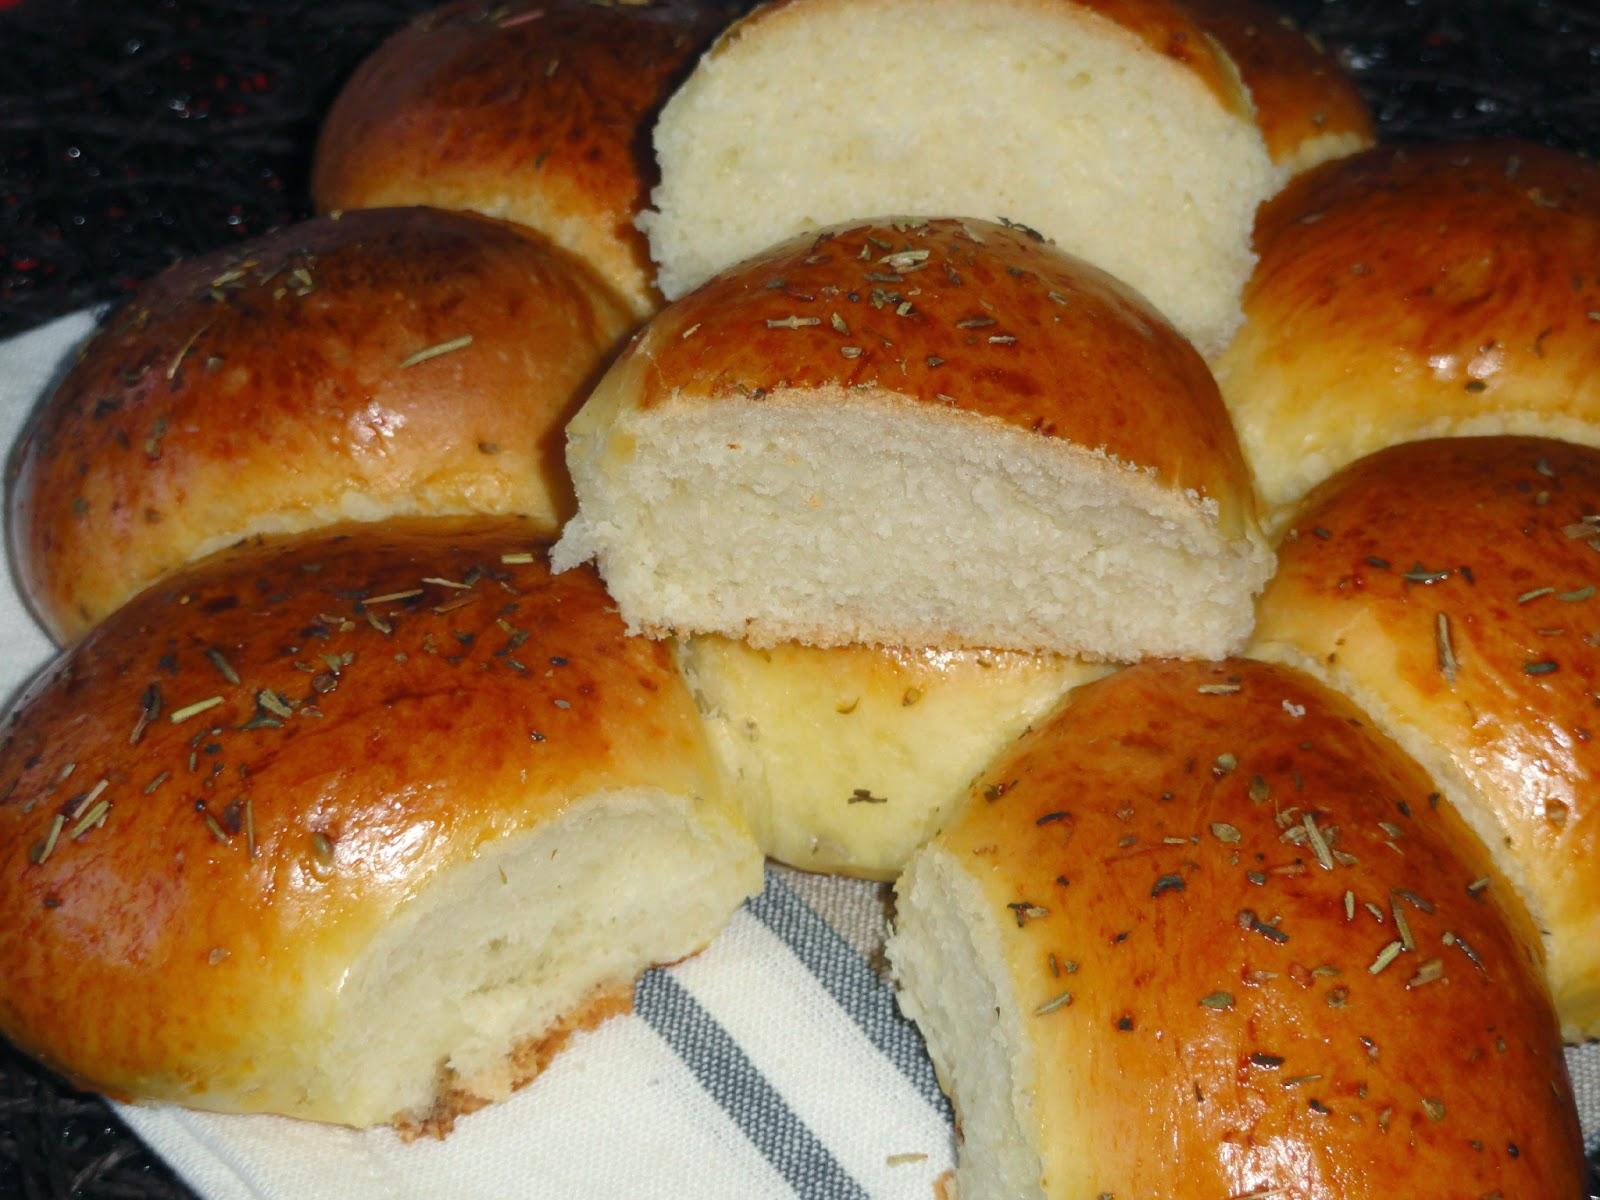 Recette du pain fait maison avec la pâte magique